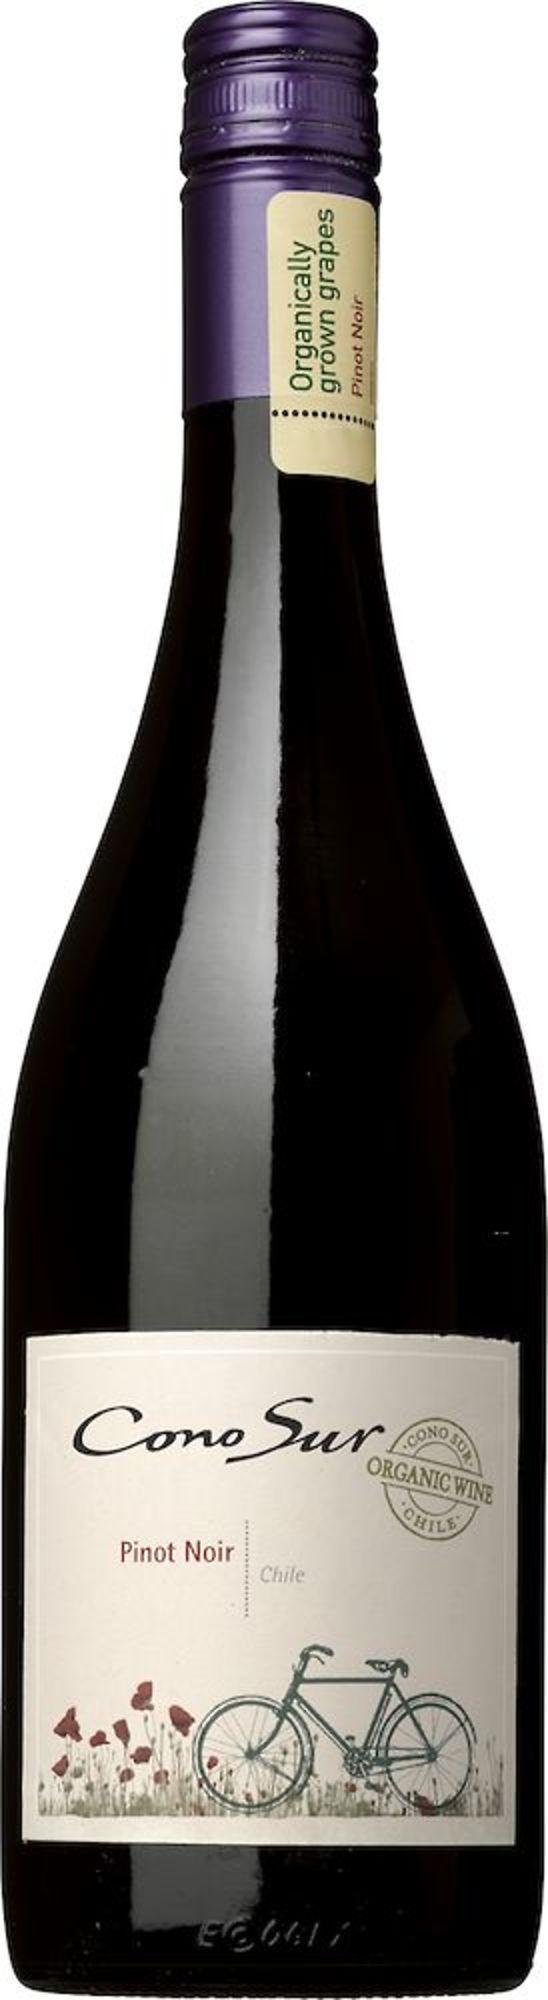 Produktbild på Cono Sur